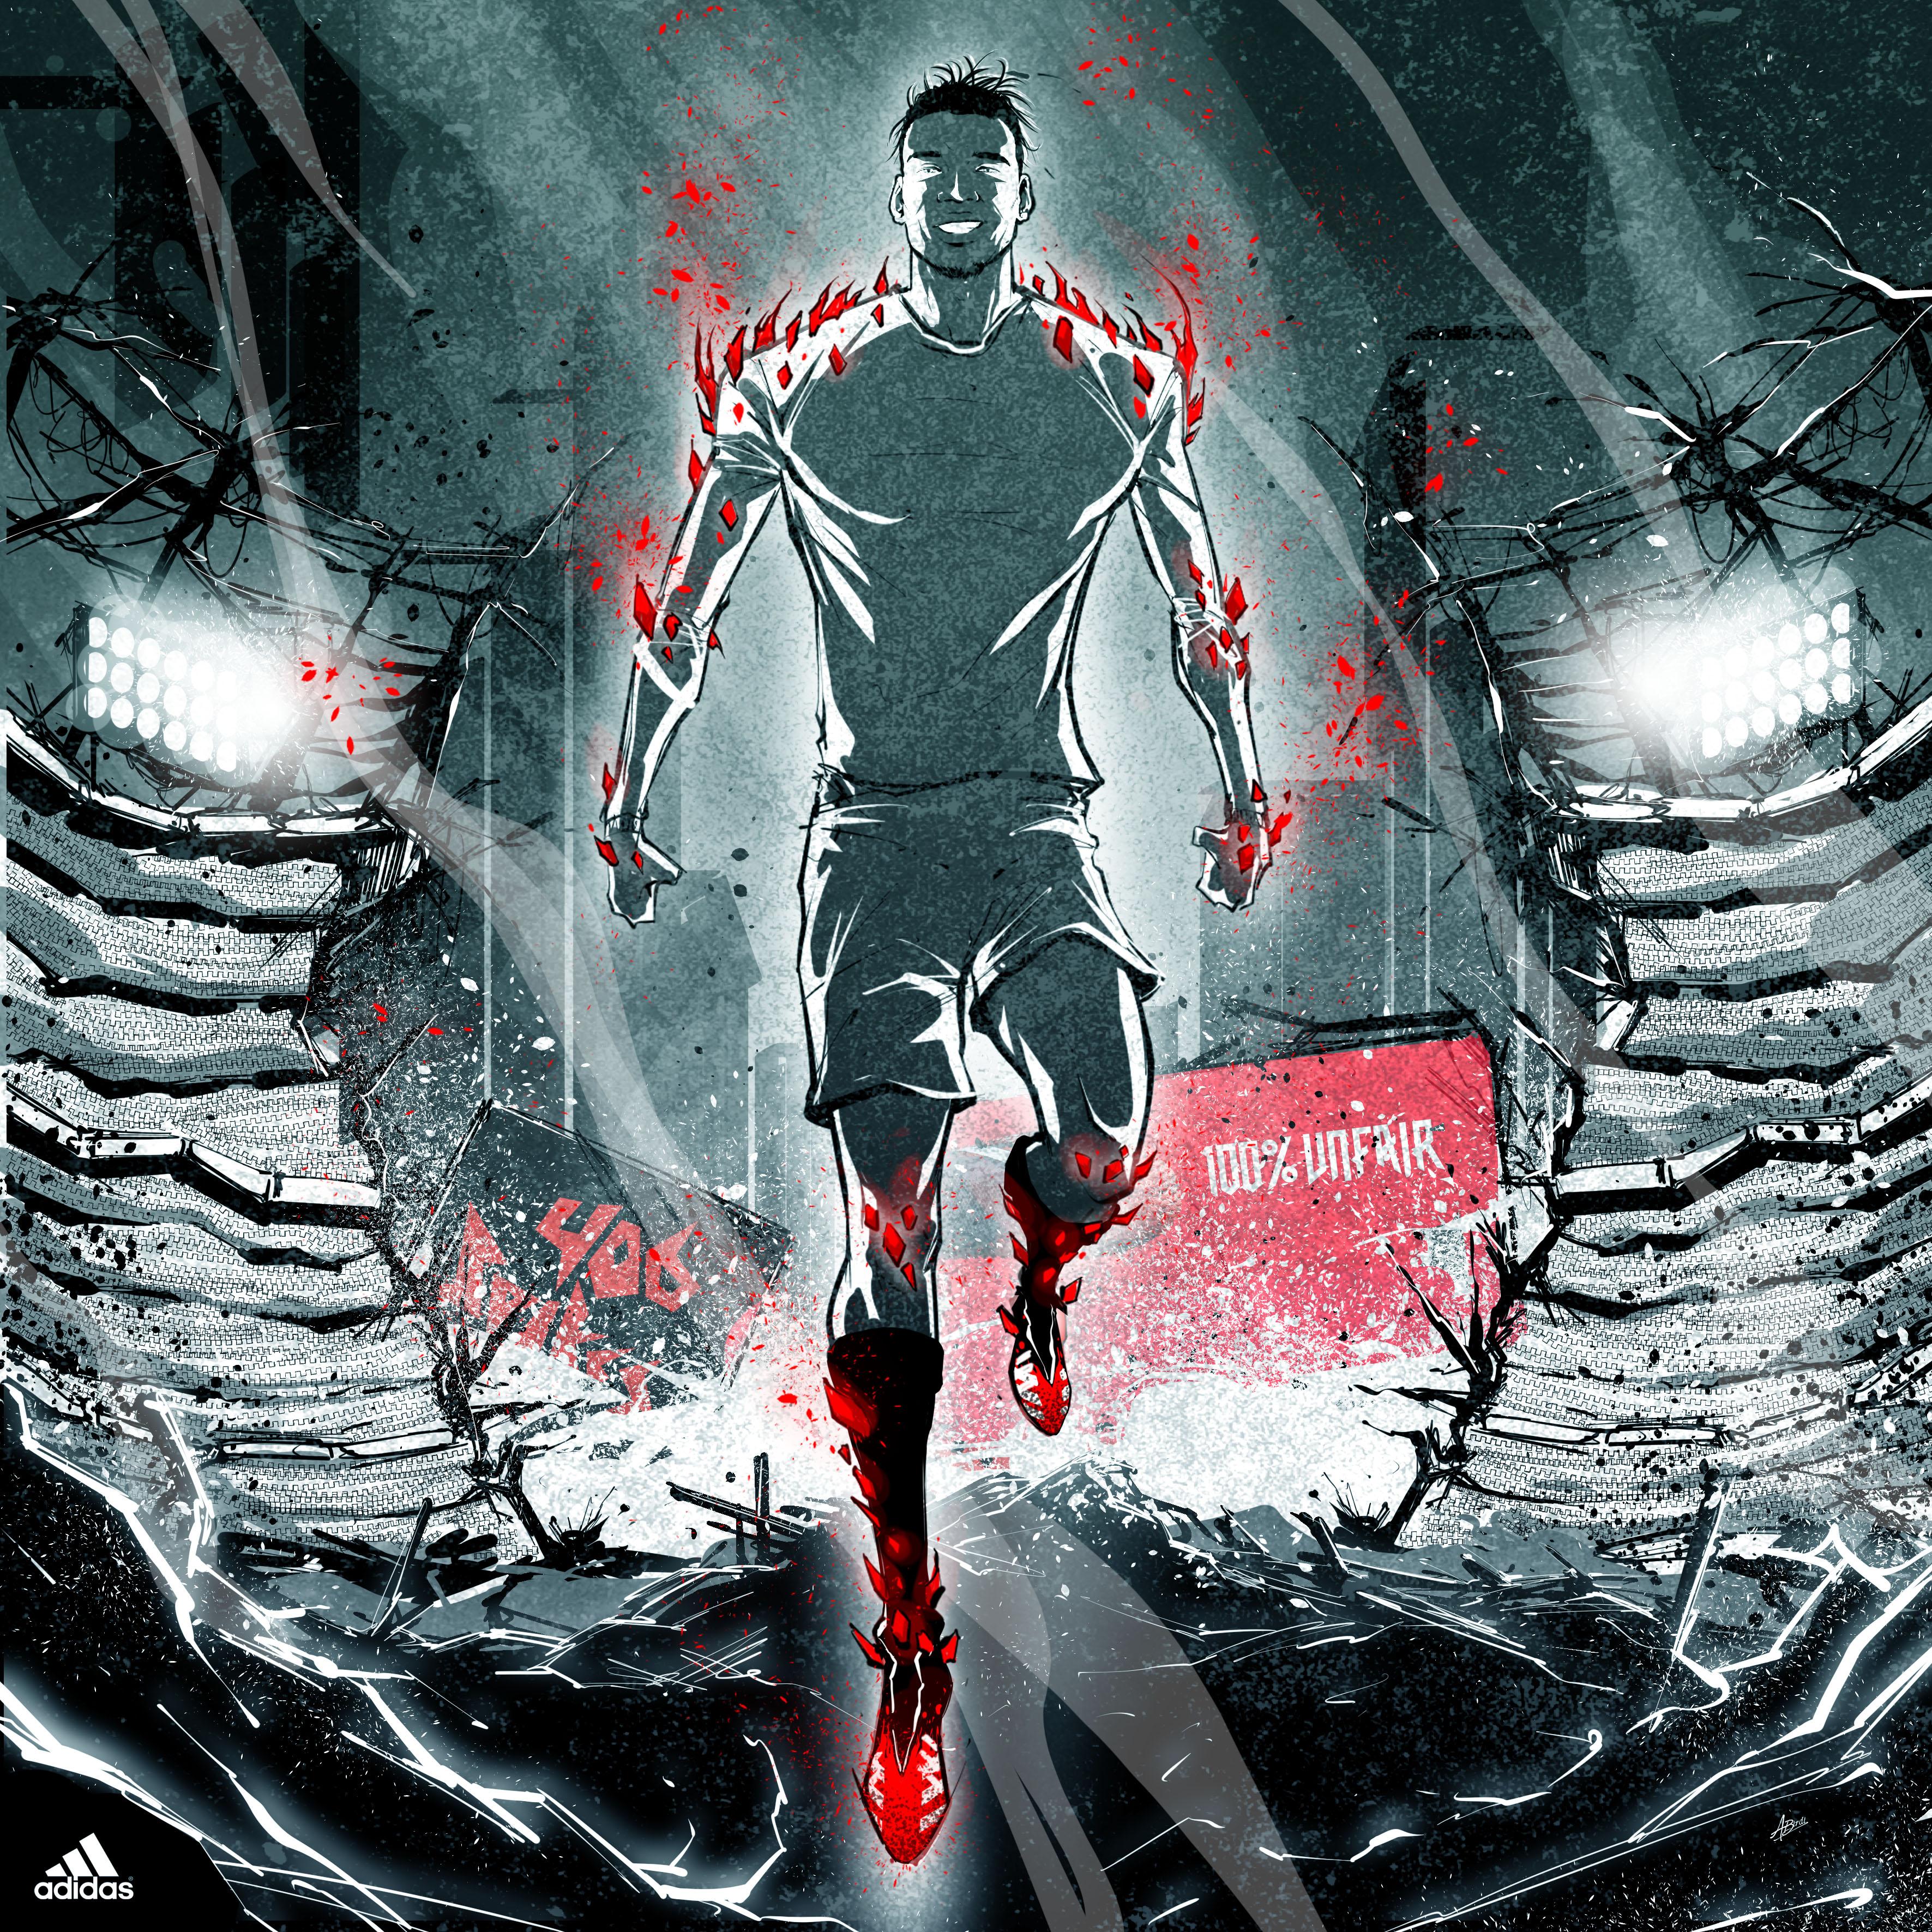 adidas-artwork-v8